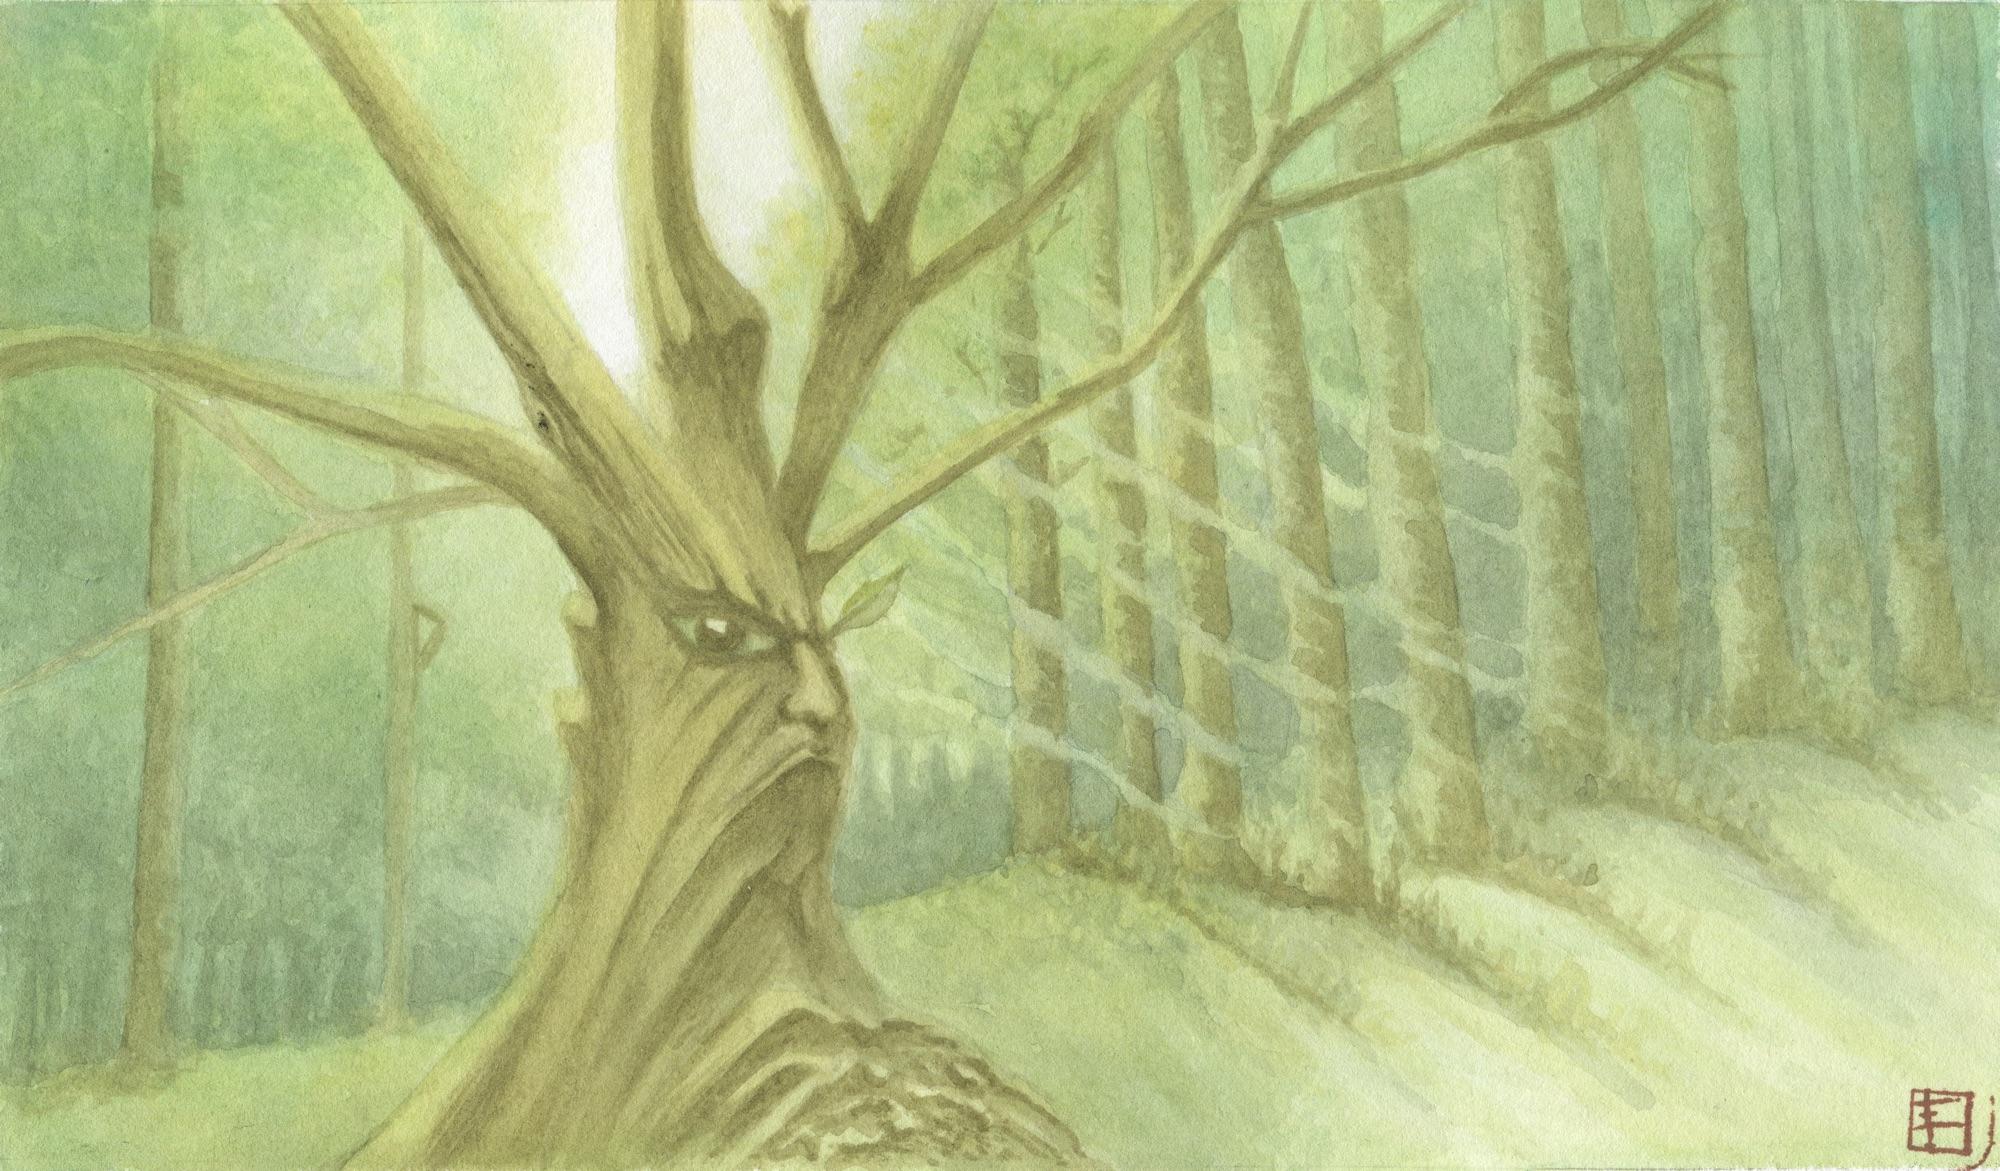 E - Les Ents (nommés Onodrim ou Enyd en sindarin), sont des êtres de fiction de l'univers de la Terre du Milieu créé par l'écrivain britannique J. R. R. Tolkien. Ce sont les esprits de la forêt, des créatures à l'apparence d'arbres qui font probablement partie des peuples les plus anciens de la Terre du Milieu.(réf. Wikipédia)